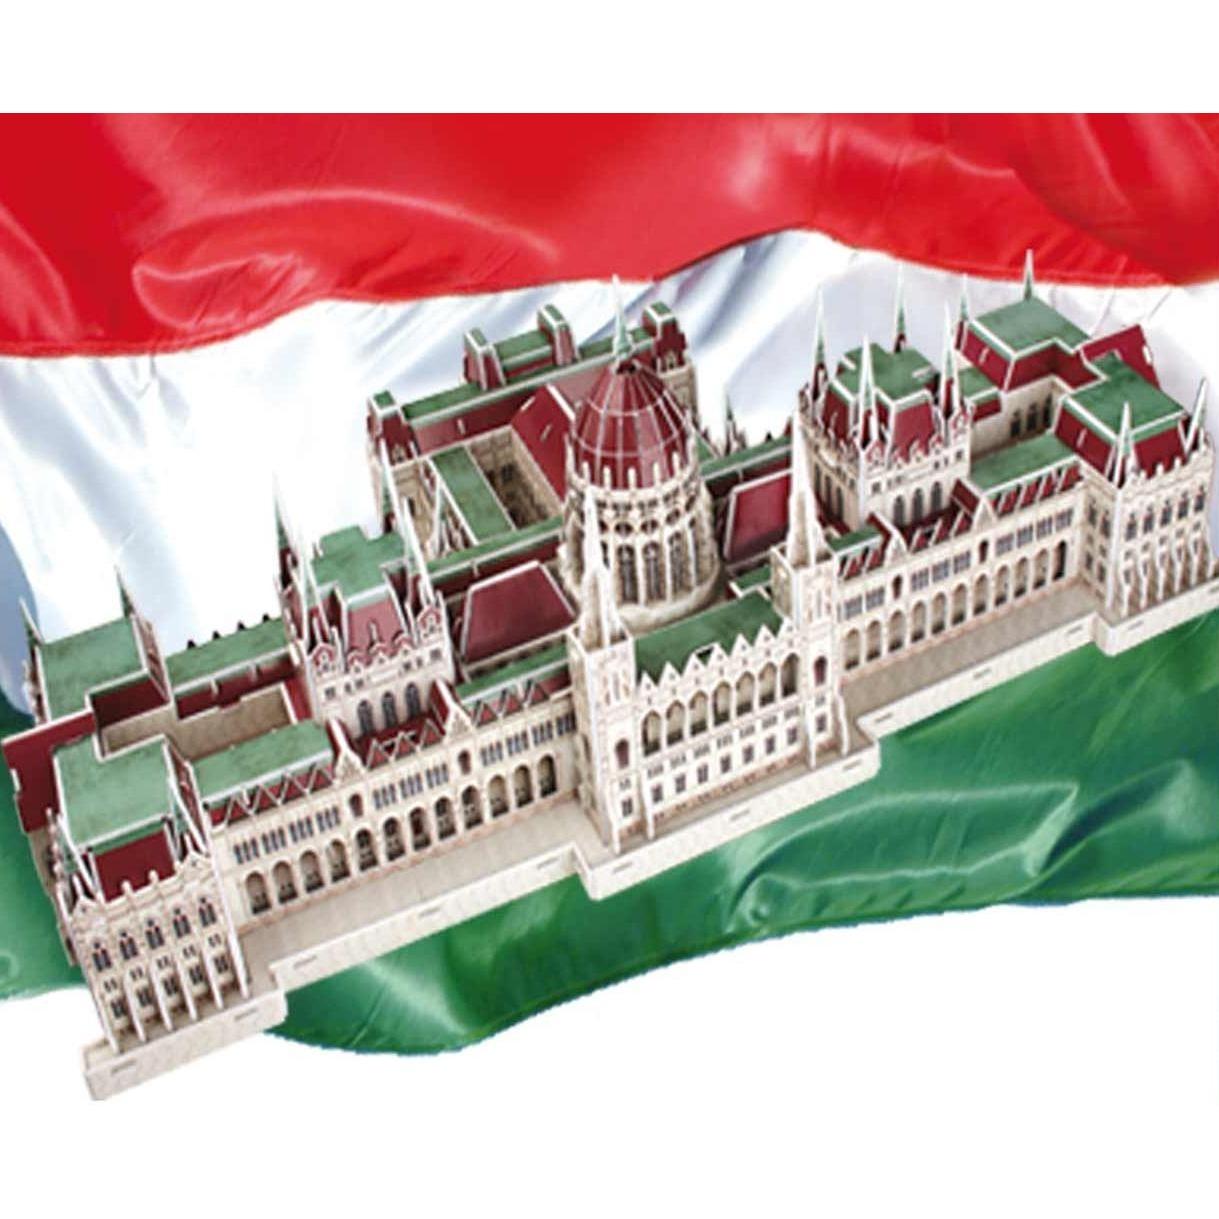 цены на венгерский технопланктон